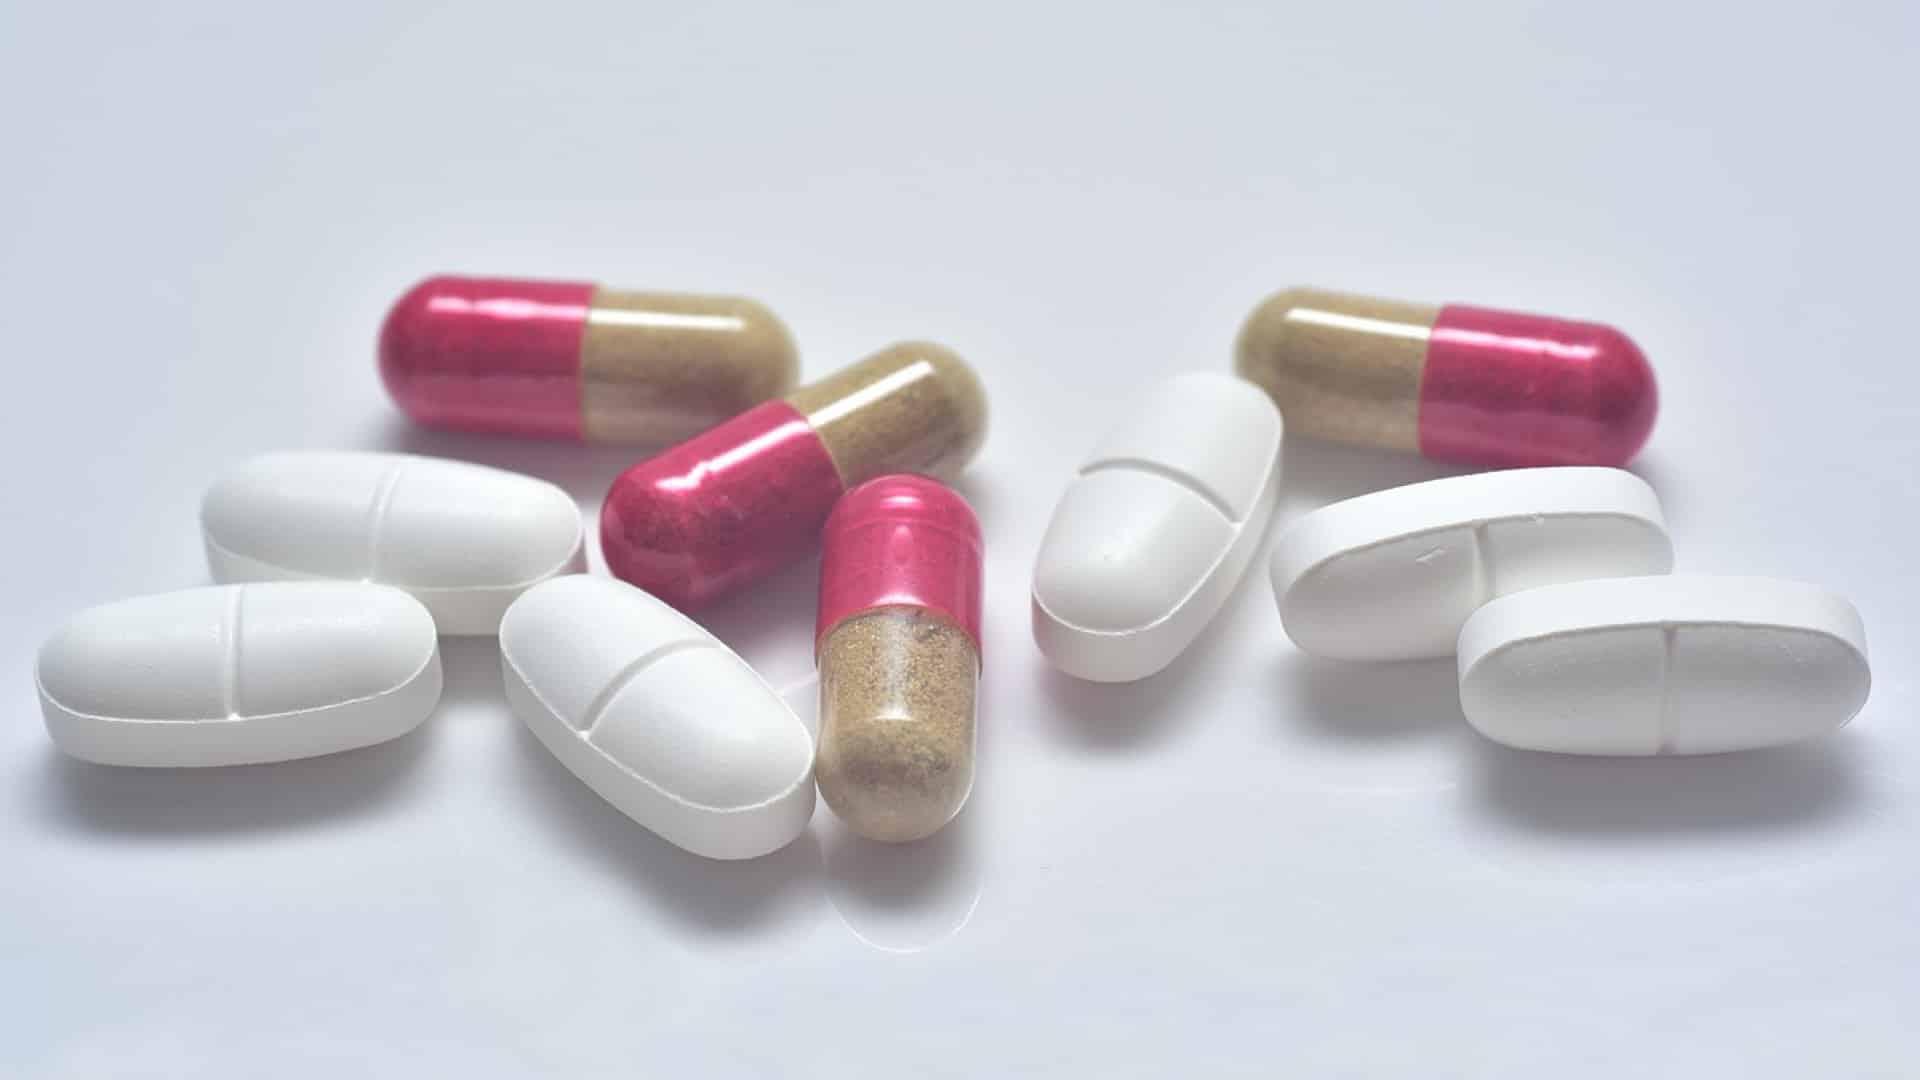 Pharmacie en ligne : 4 bons réflexes à prendre en compte avant vos achats